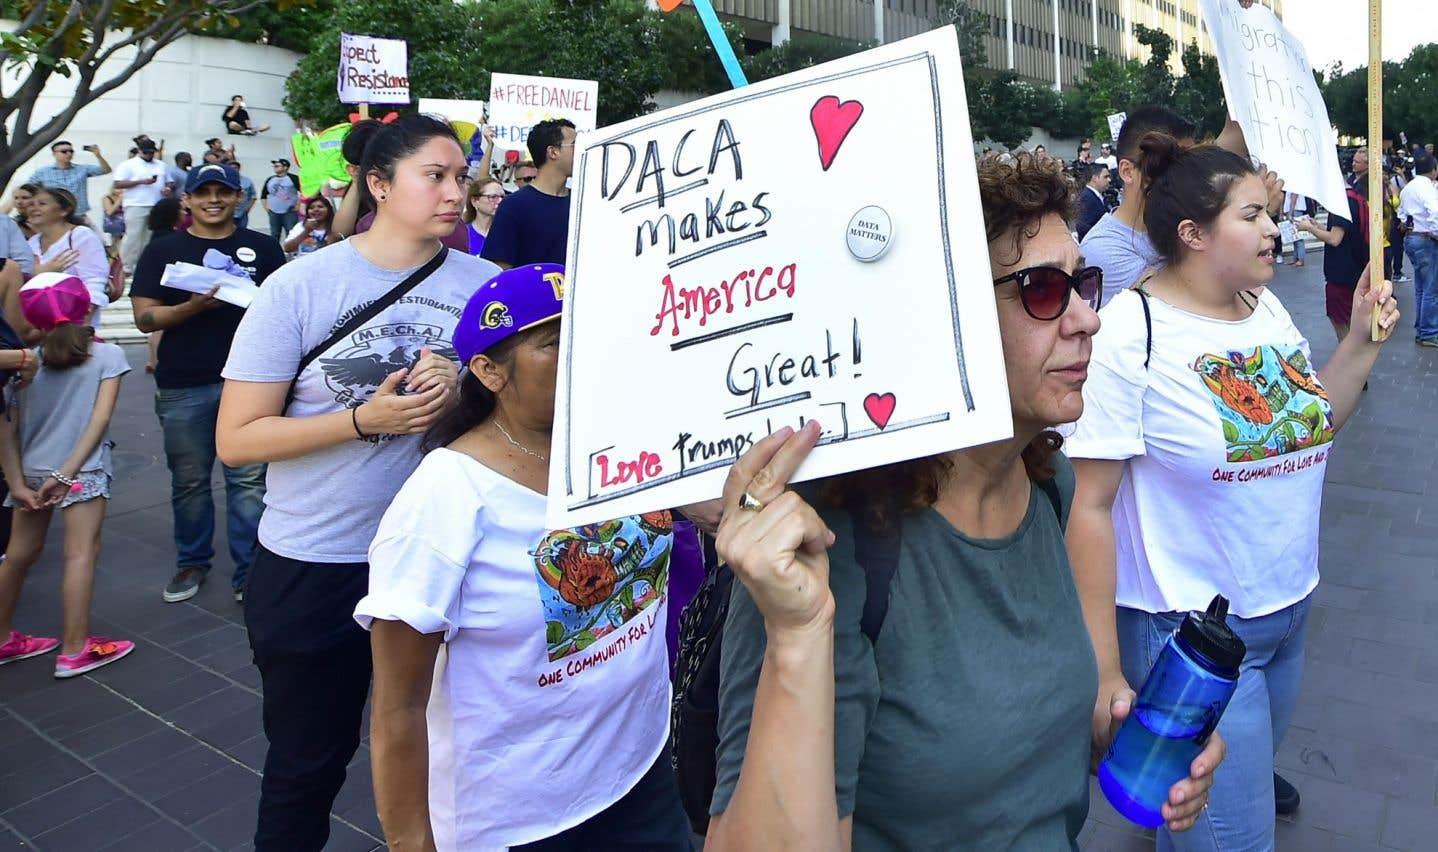 Les «Dreamers», ces jeunes sans-papiers, bientôt expulsés des États-Unis?